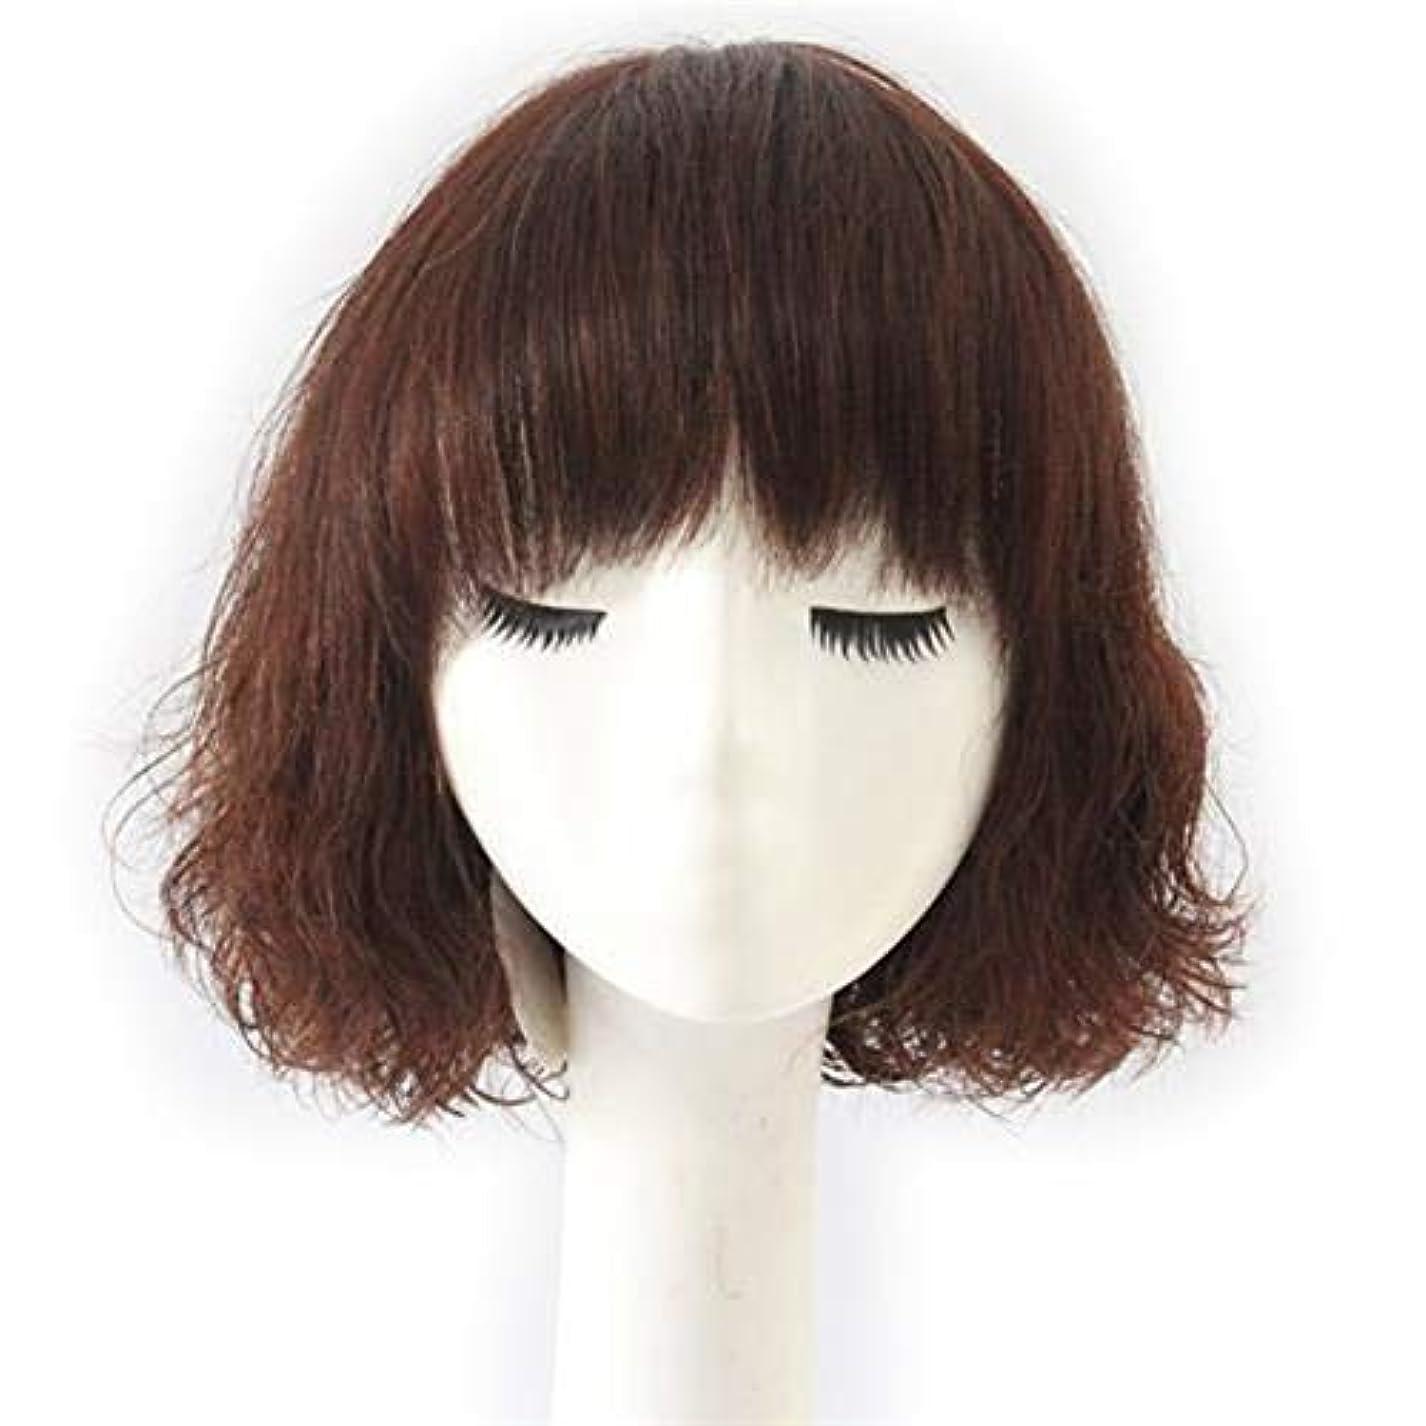 パンチうめき通りかつら 女性のファッションかつらのためのダークブラウンのリアルヘアウィッグショートカーリーペアヘッド (色 : Natural color)